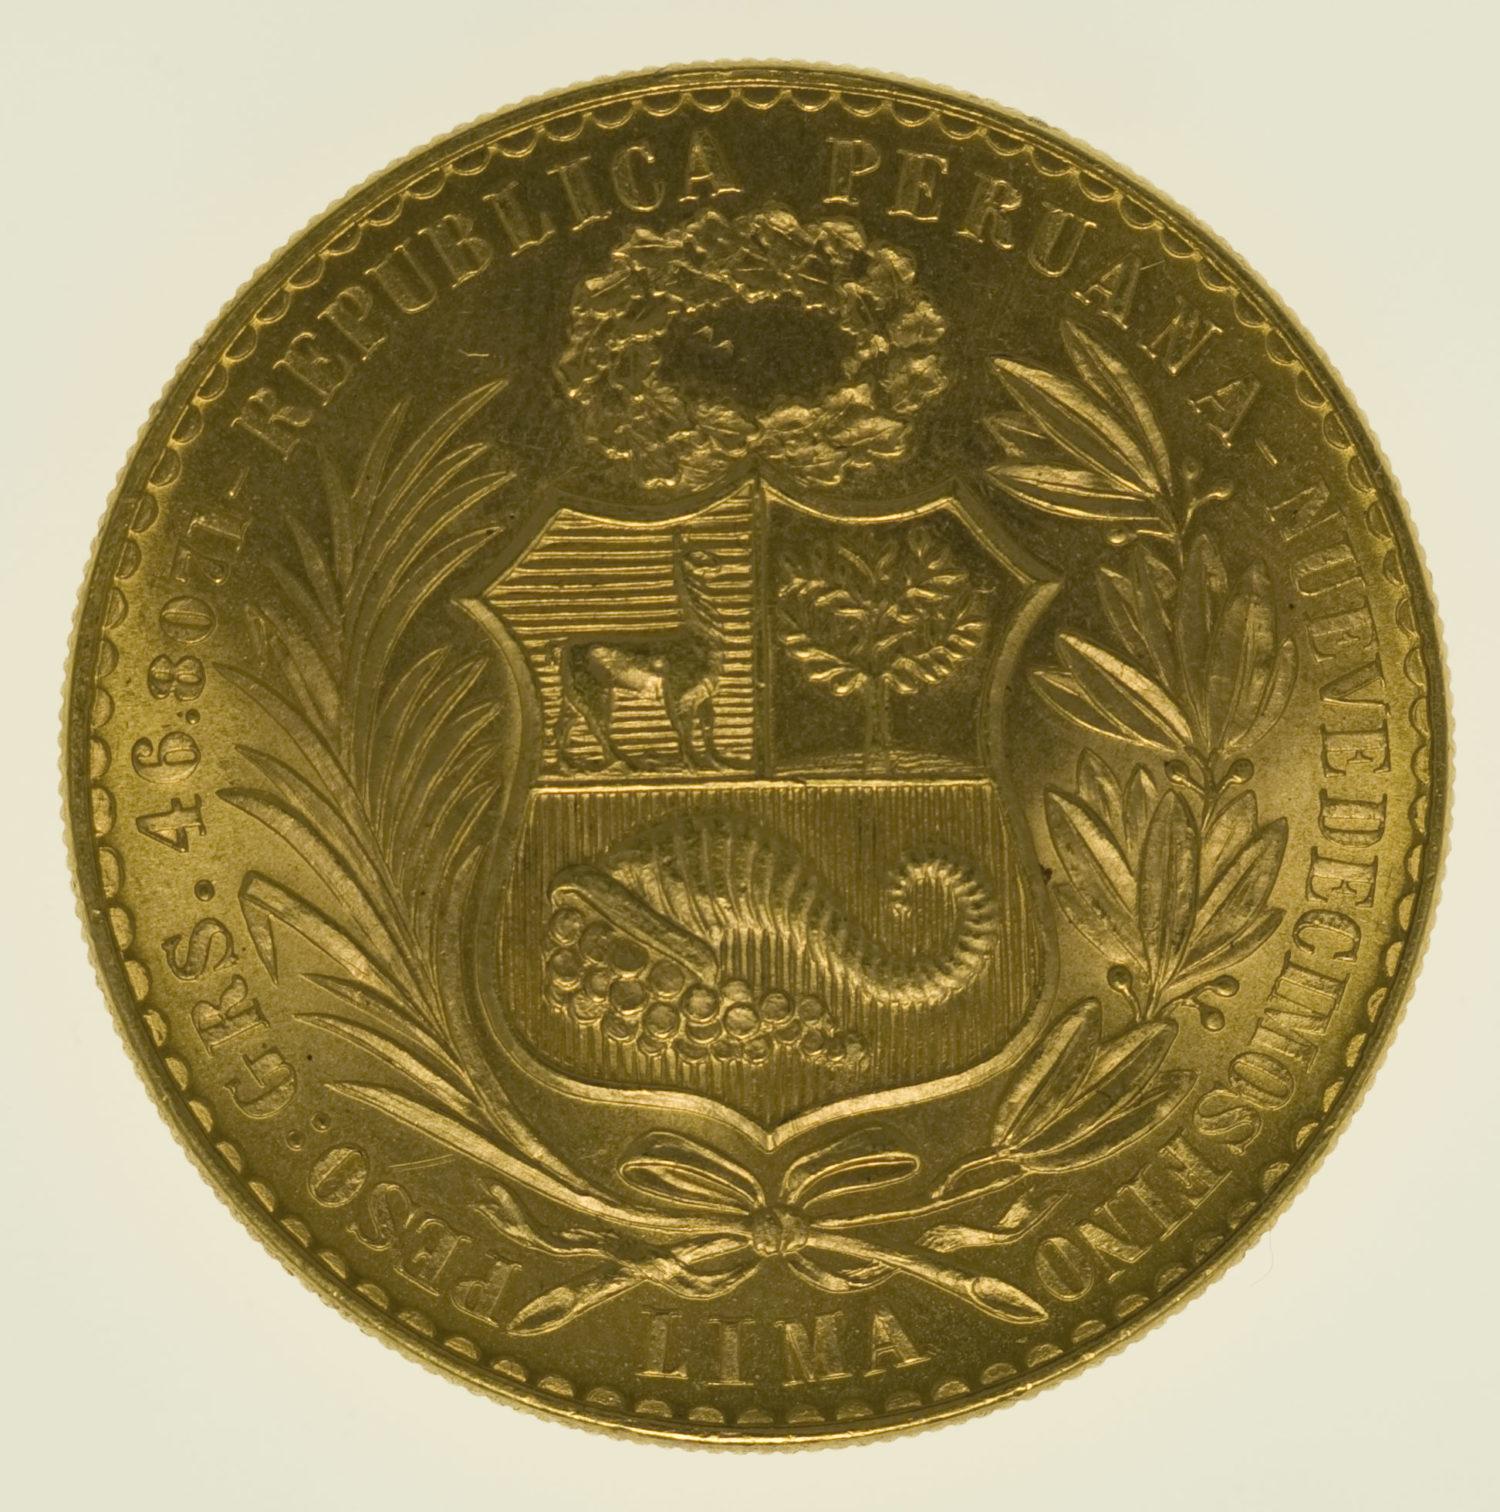 peru - Peru 100 Soles 1960